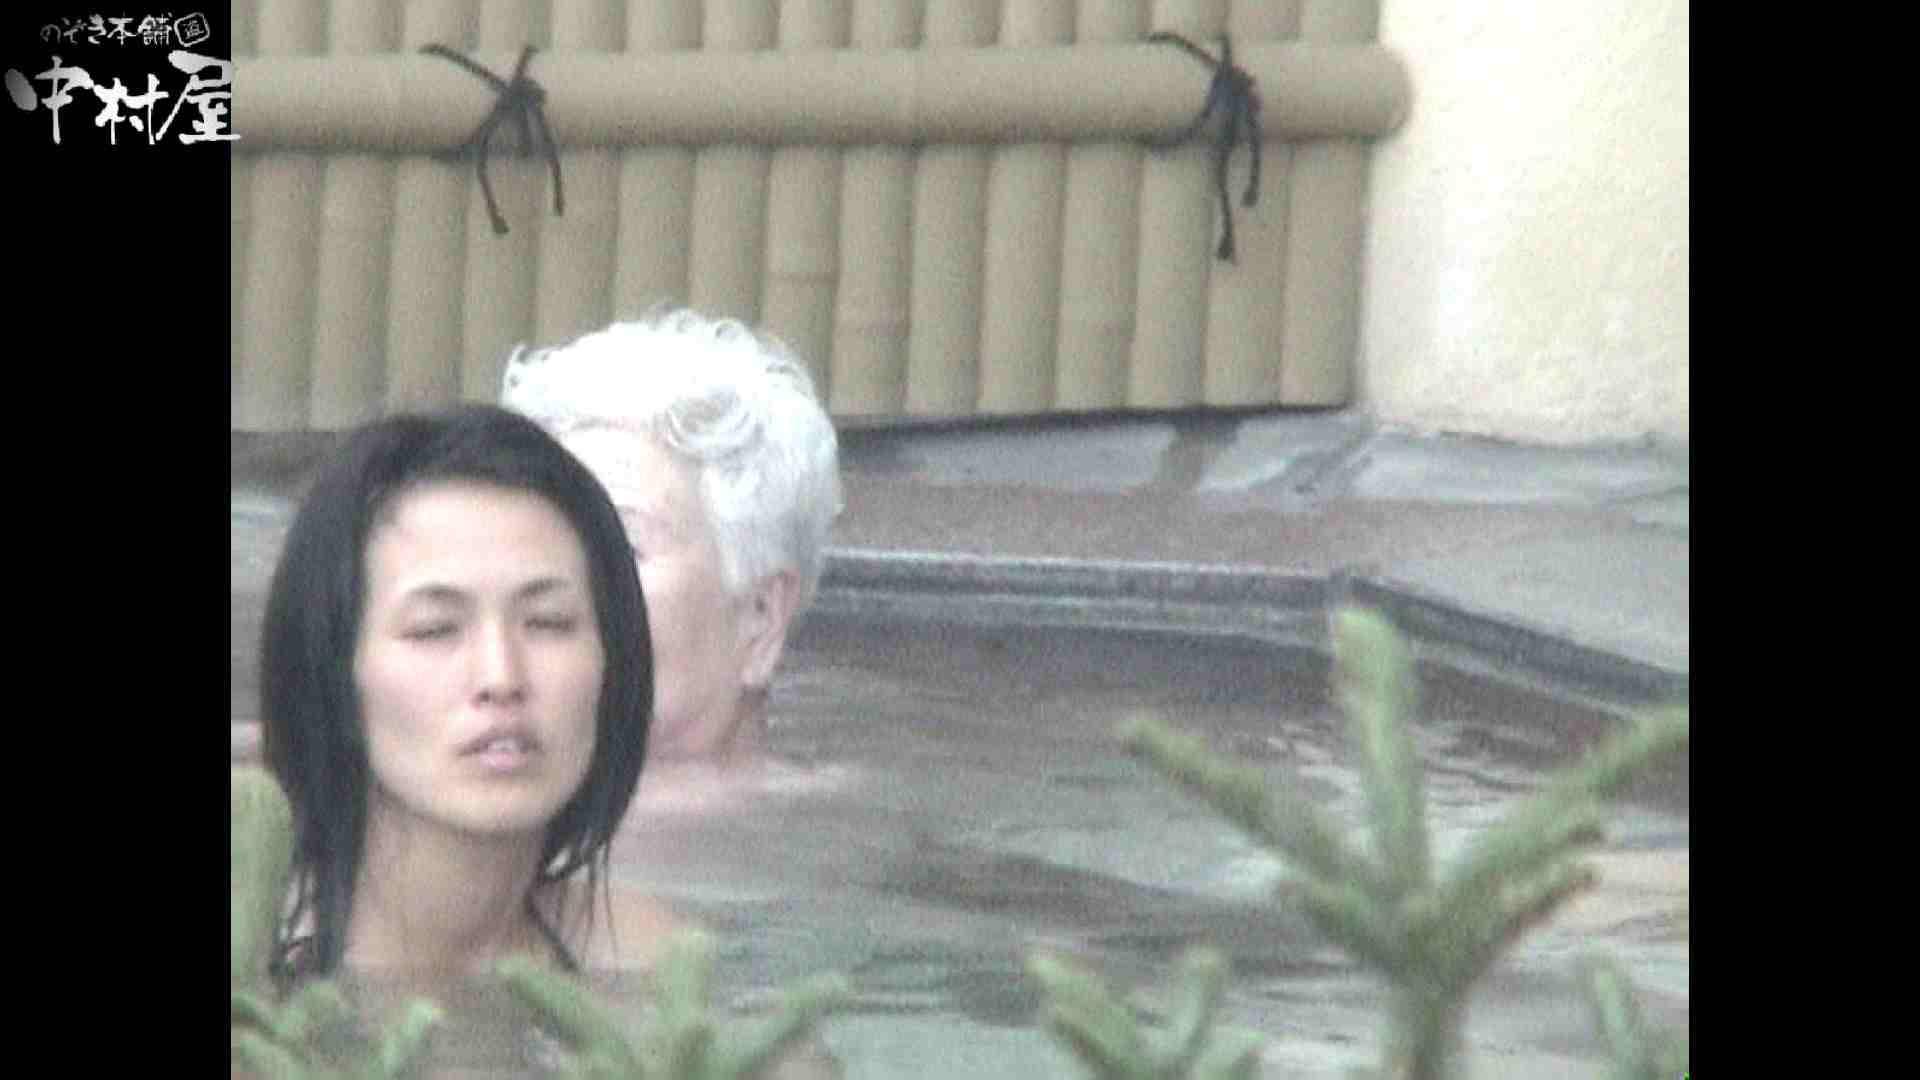 Aquaな露天風呂Vol.933 露天風呂 | 盗撮  74連発 34